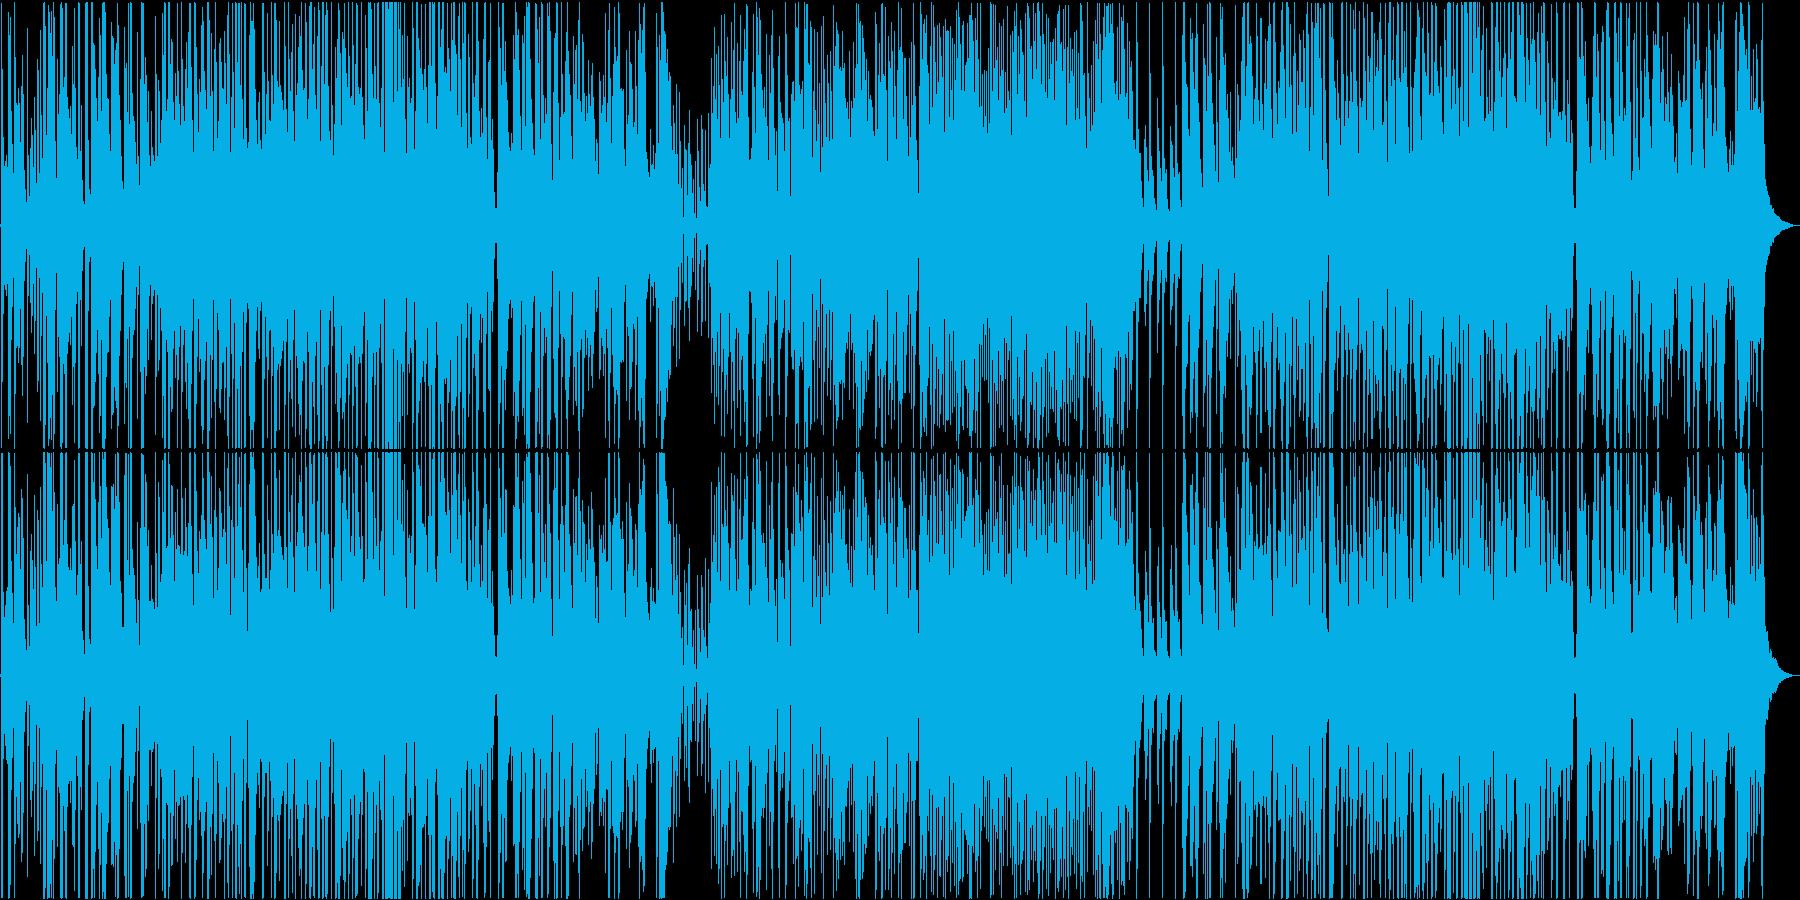 三拍子のオーソドックスジャズの再生済みの波形